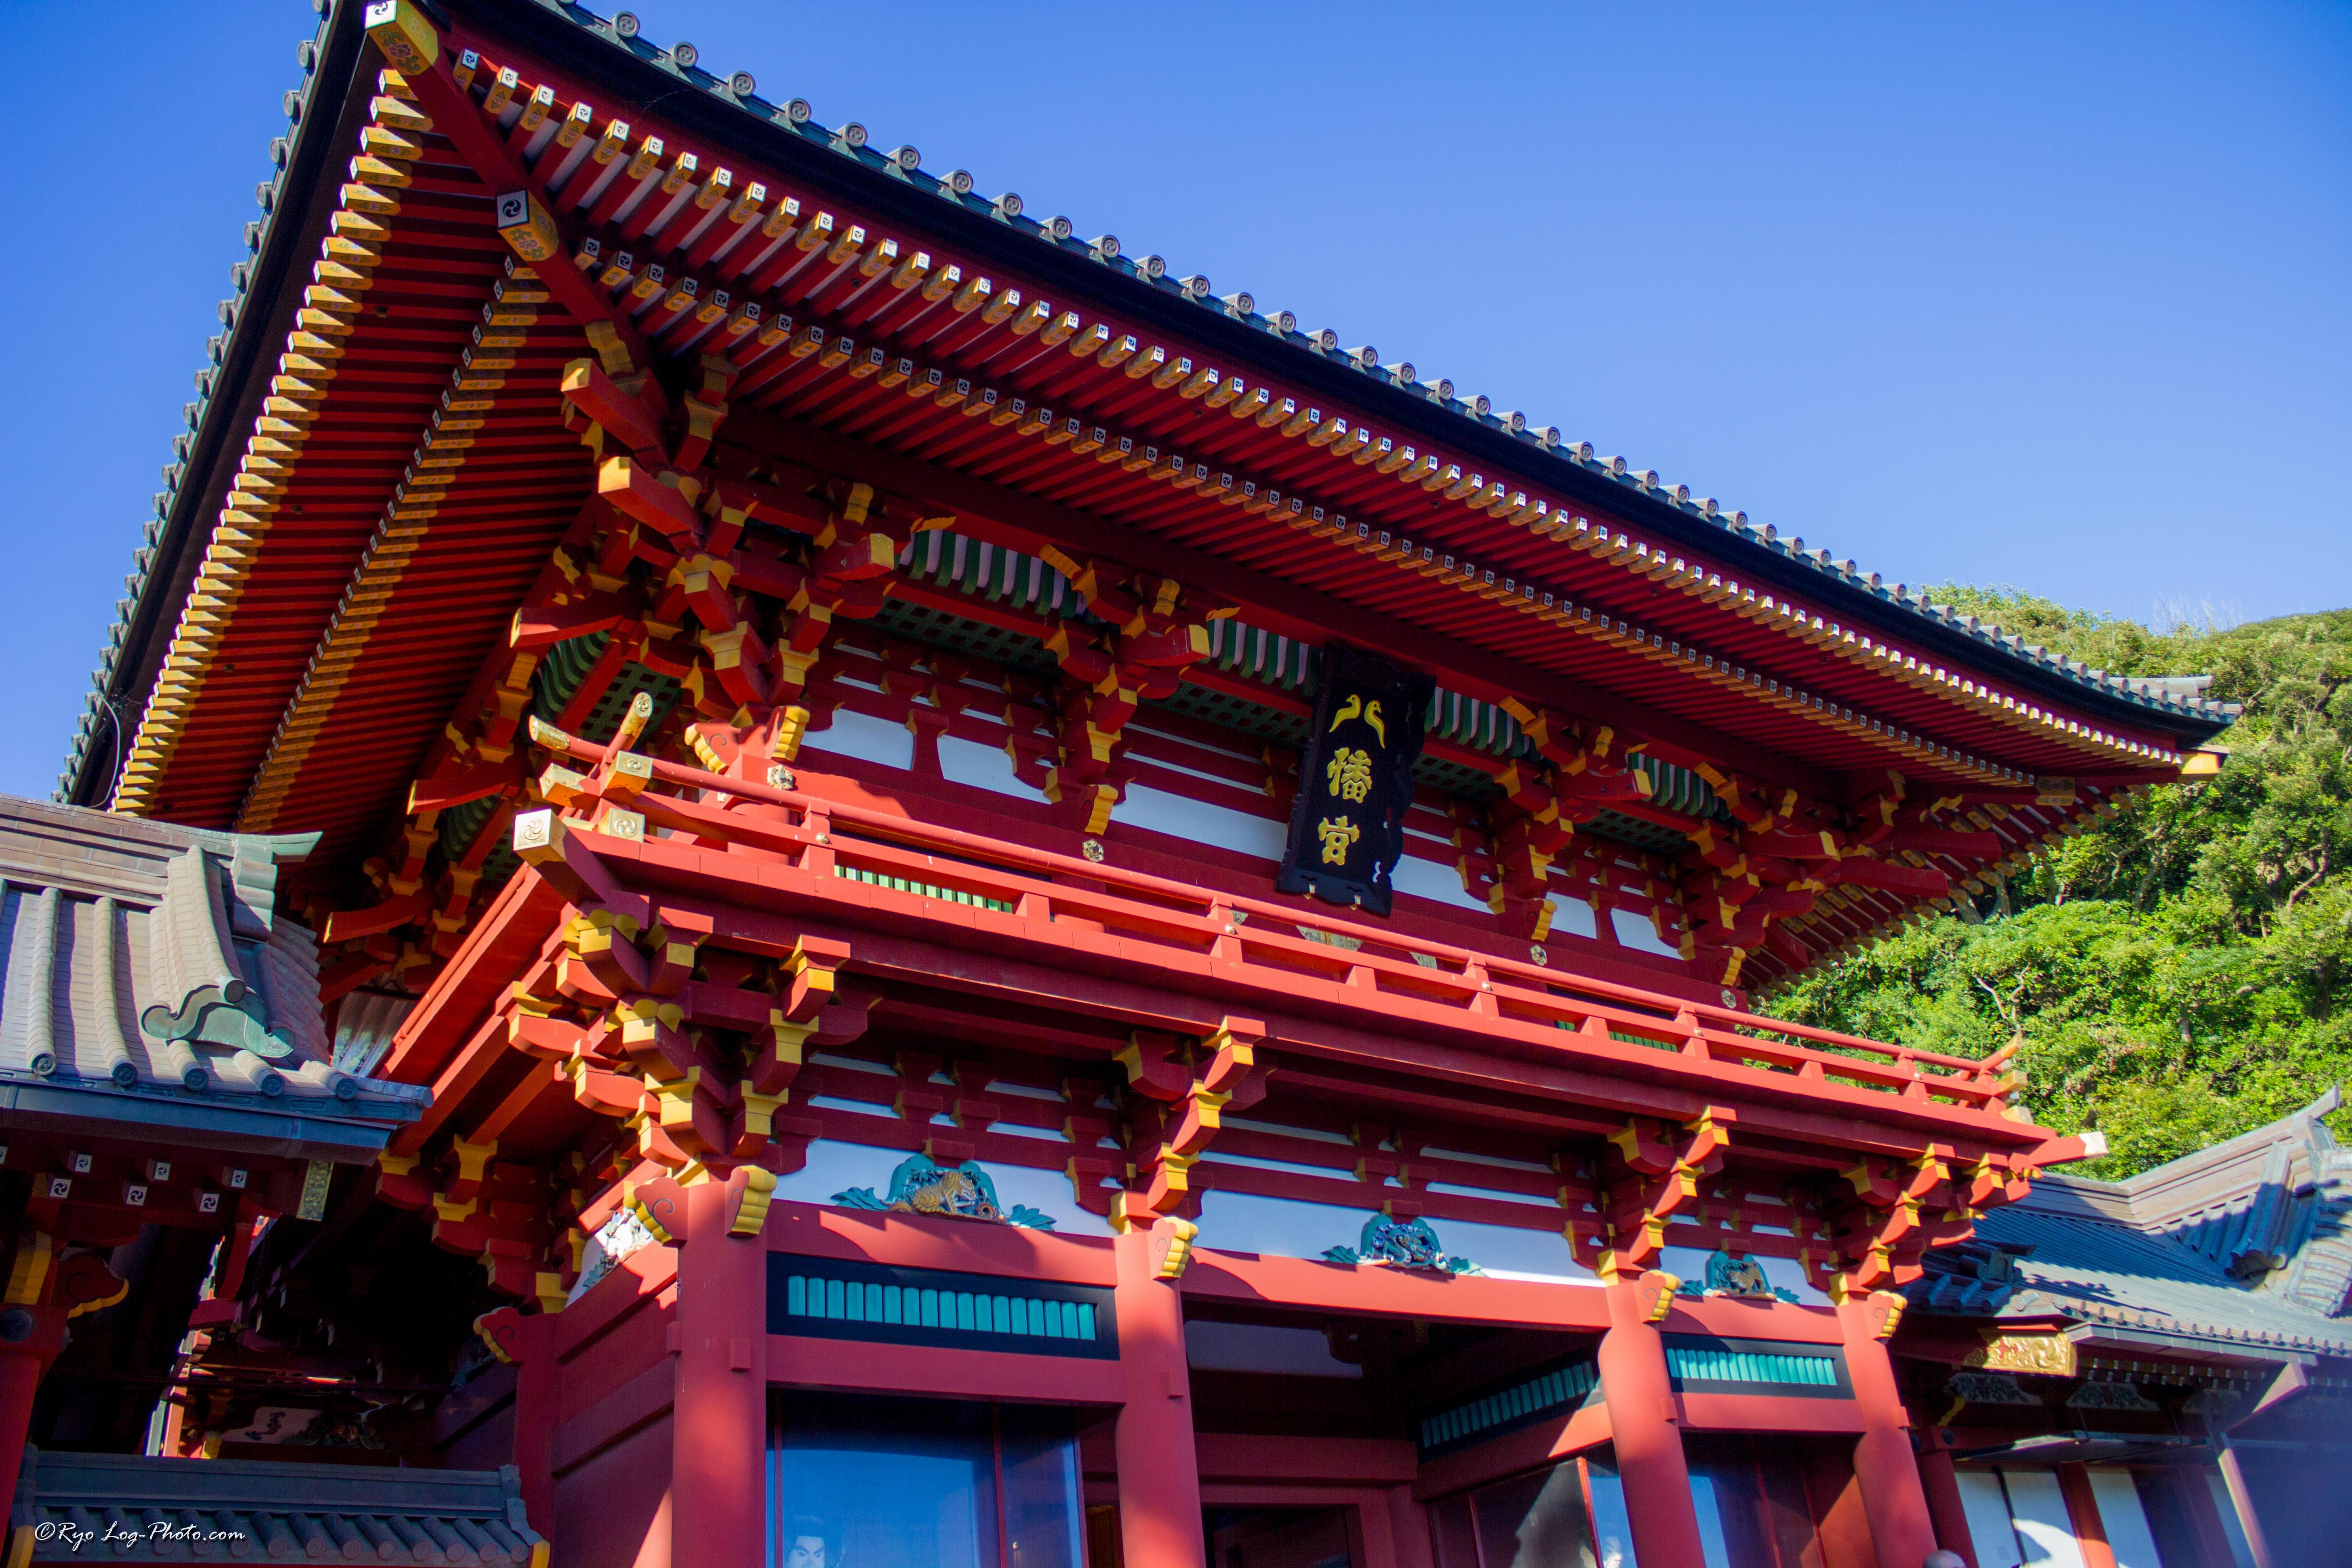 鶴岡八幡宮 鎌倉 アクセス